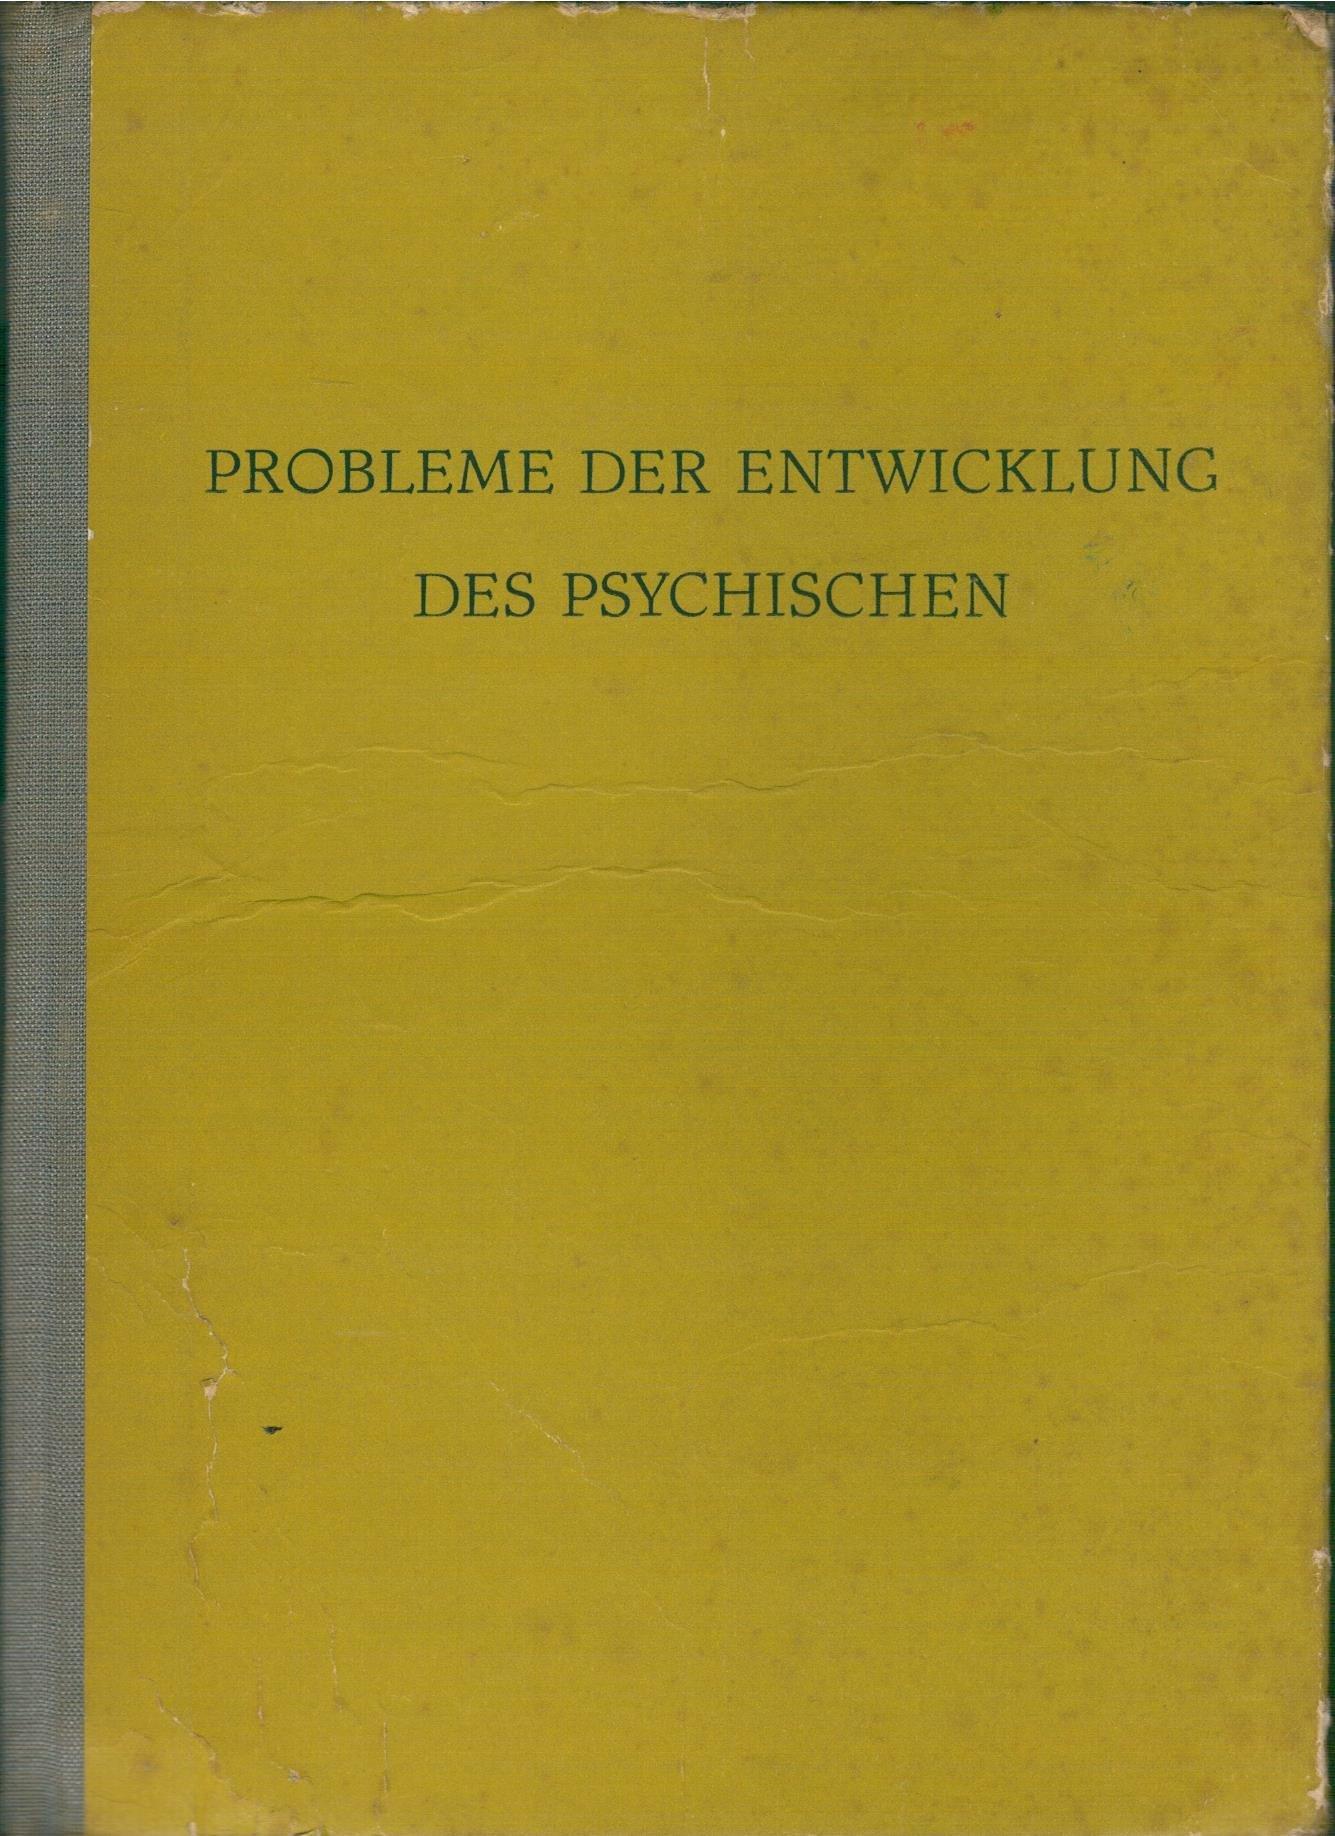 Probleme der Entwicklung des Psychischen